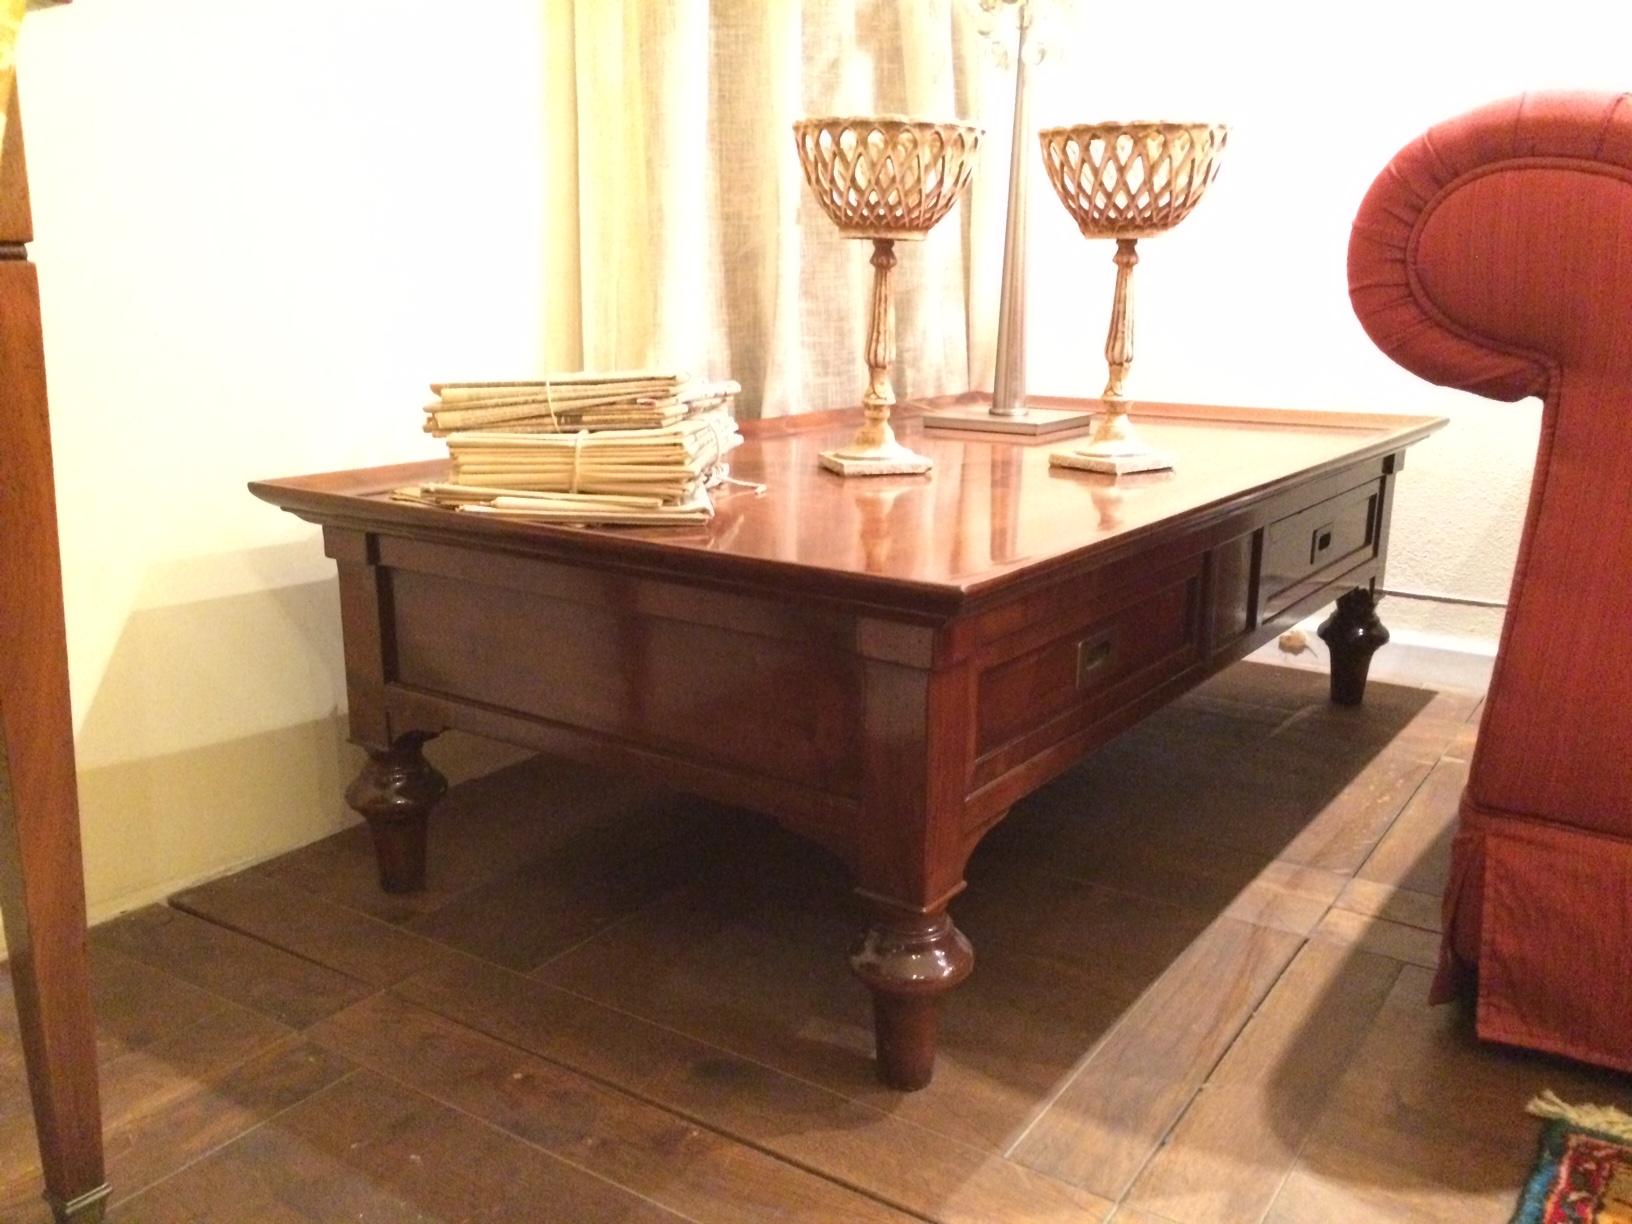 tavolini da salotto grande arredo scontato del 50% - complementi a ... - Tavoli Soggiorno Legno